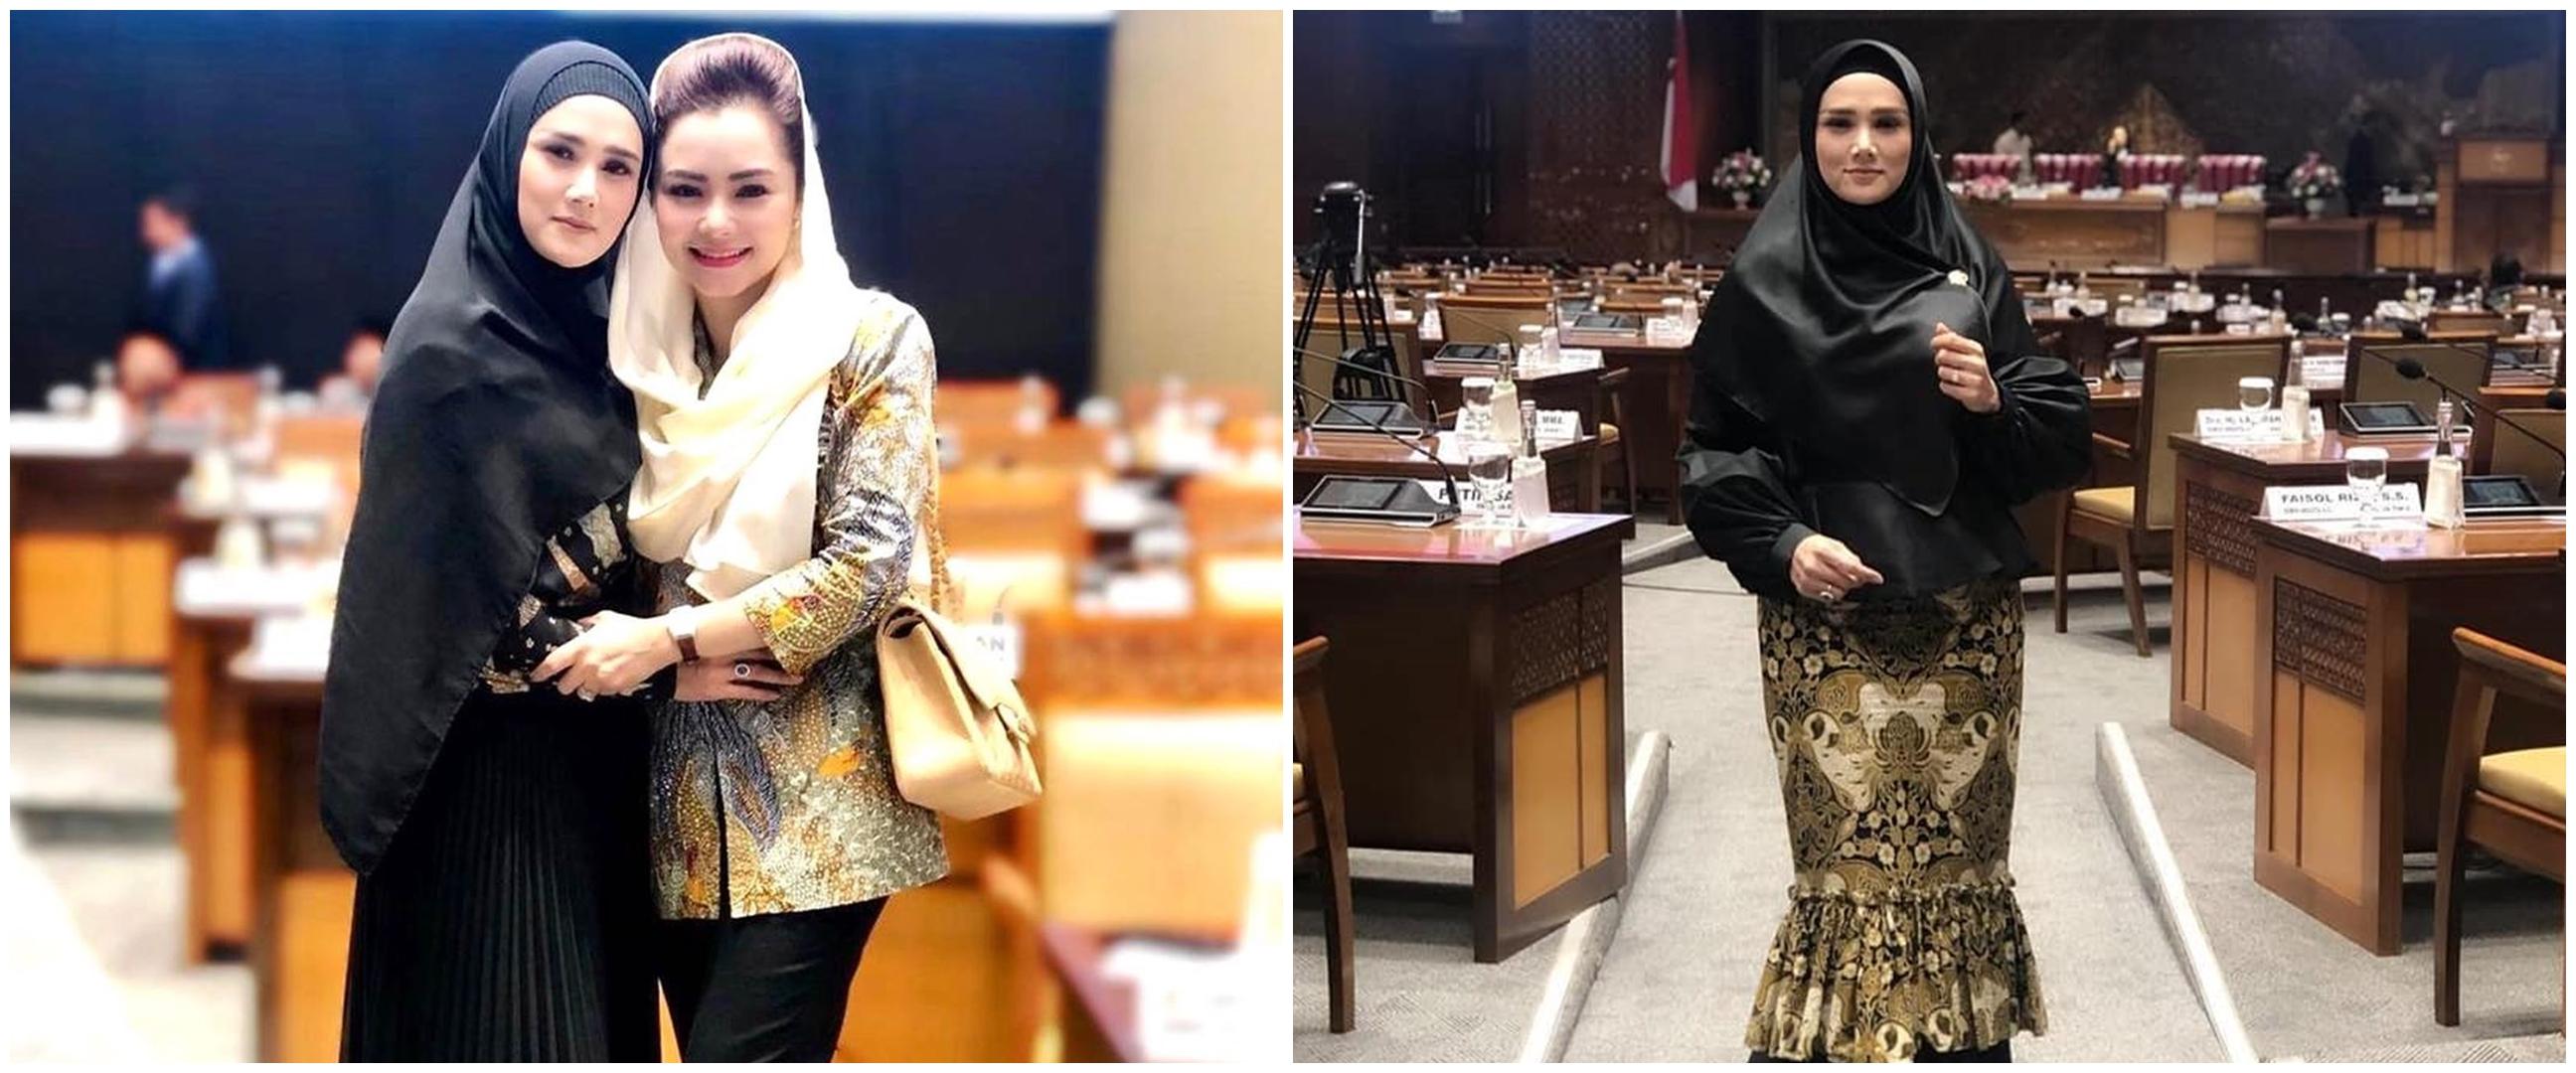 8 Gaya Mulan Jameela ngantor di DPR, bikin salah fokus